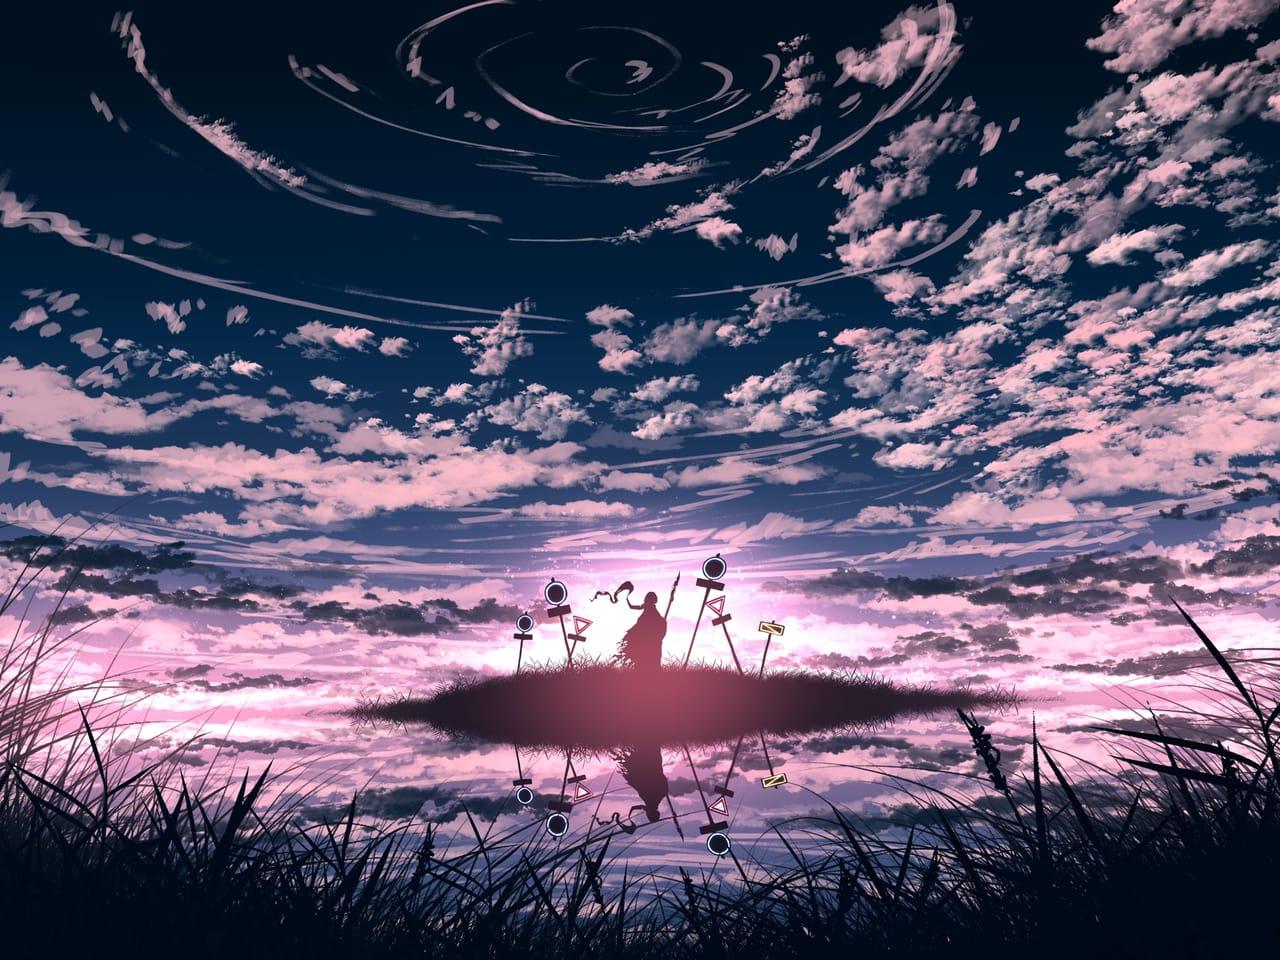 君の証明 Illust of faPka February2021_Fantasy background scenery